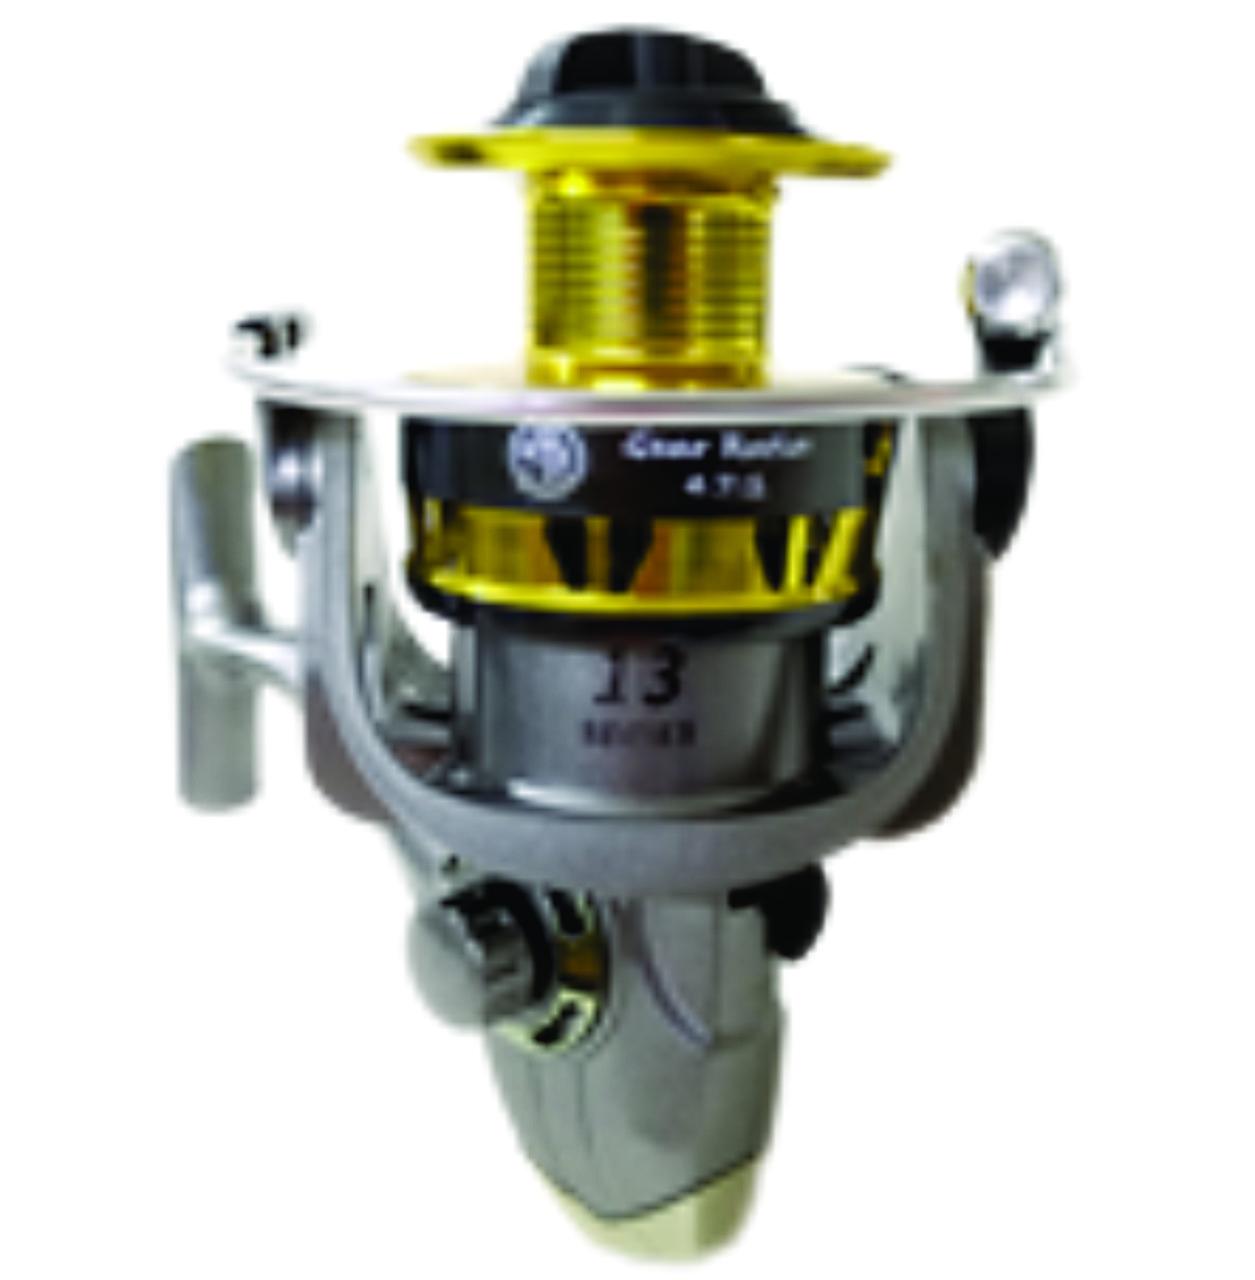 Molinete 7500 HO 13 Rolamentos Carretel Alumínio Drag 7,5kg